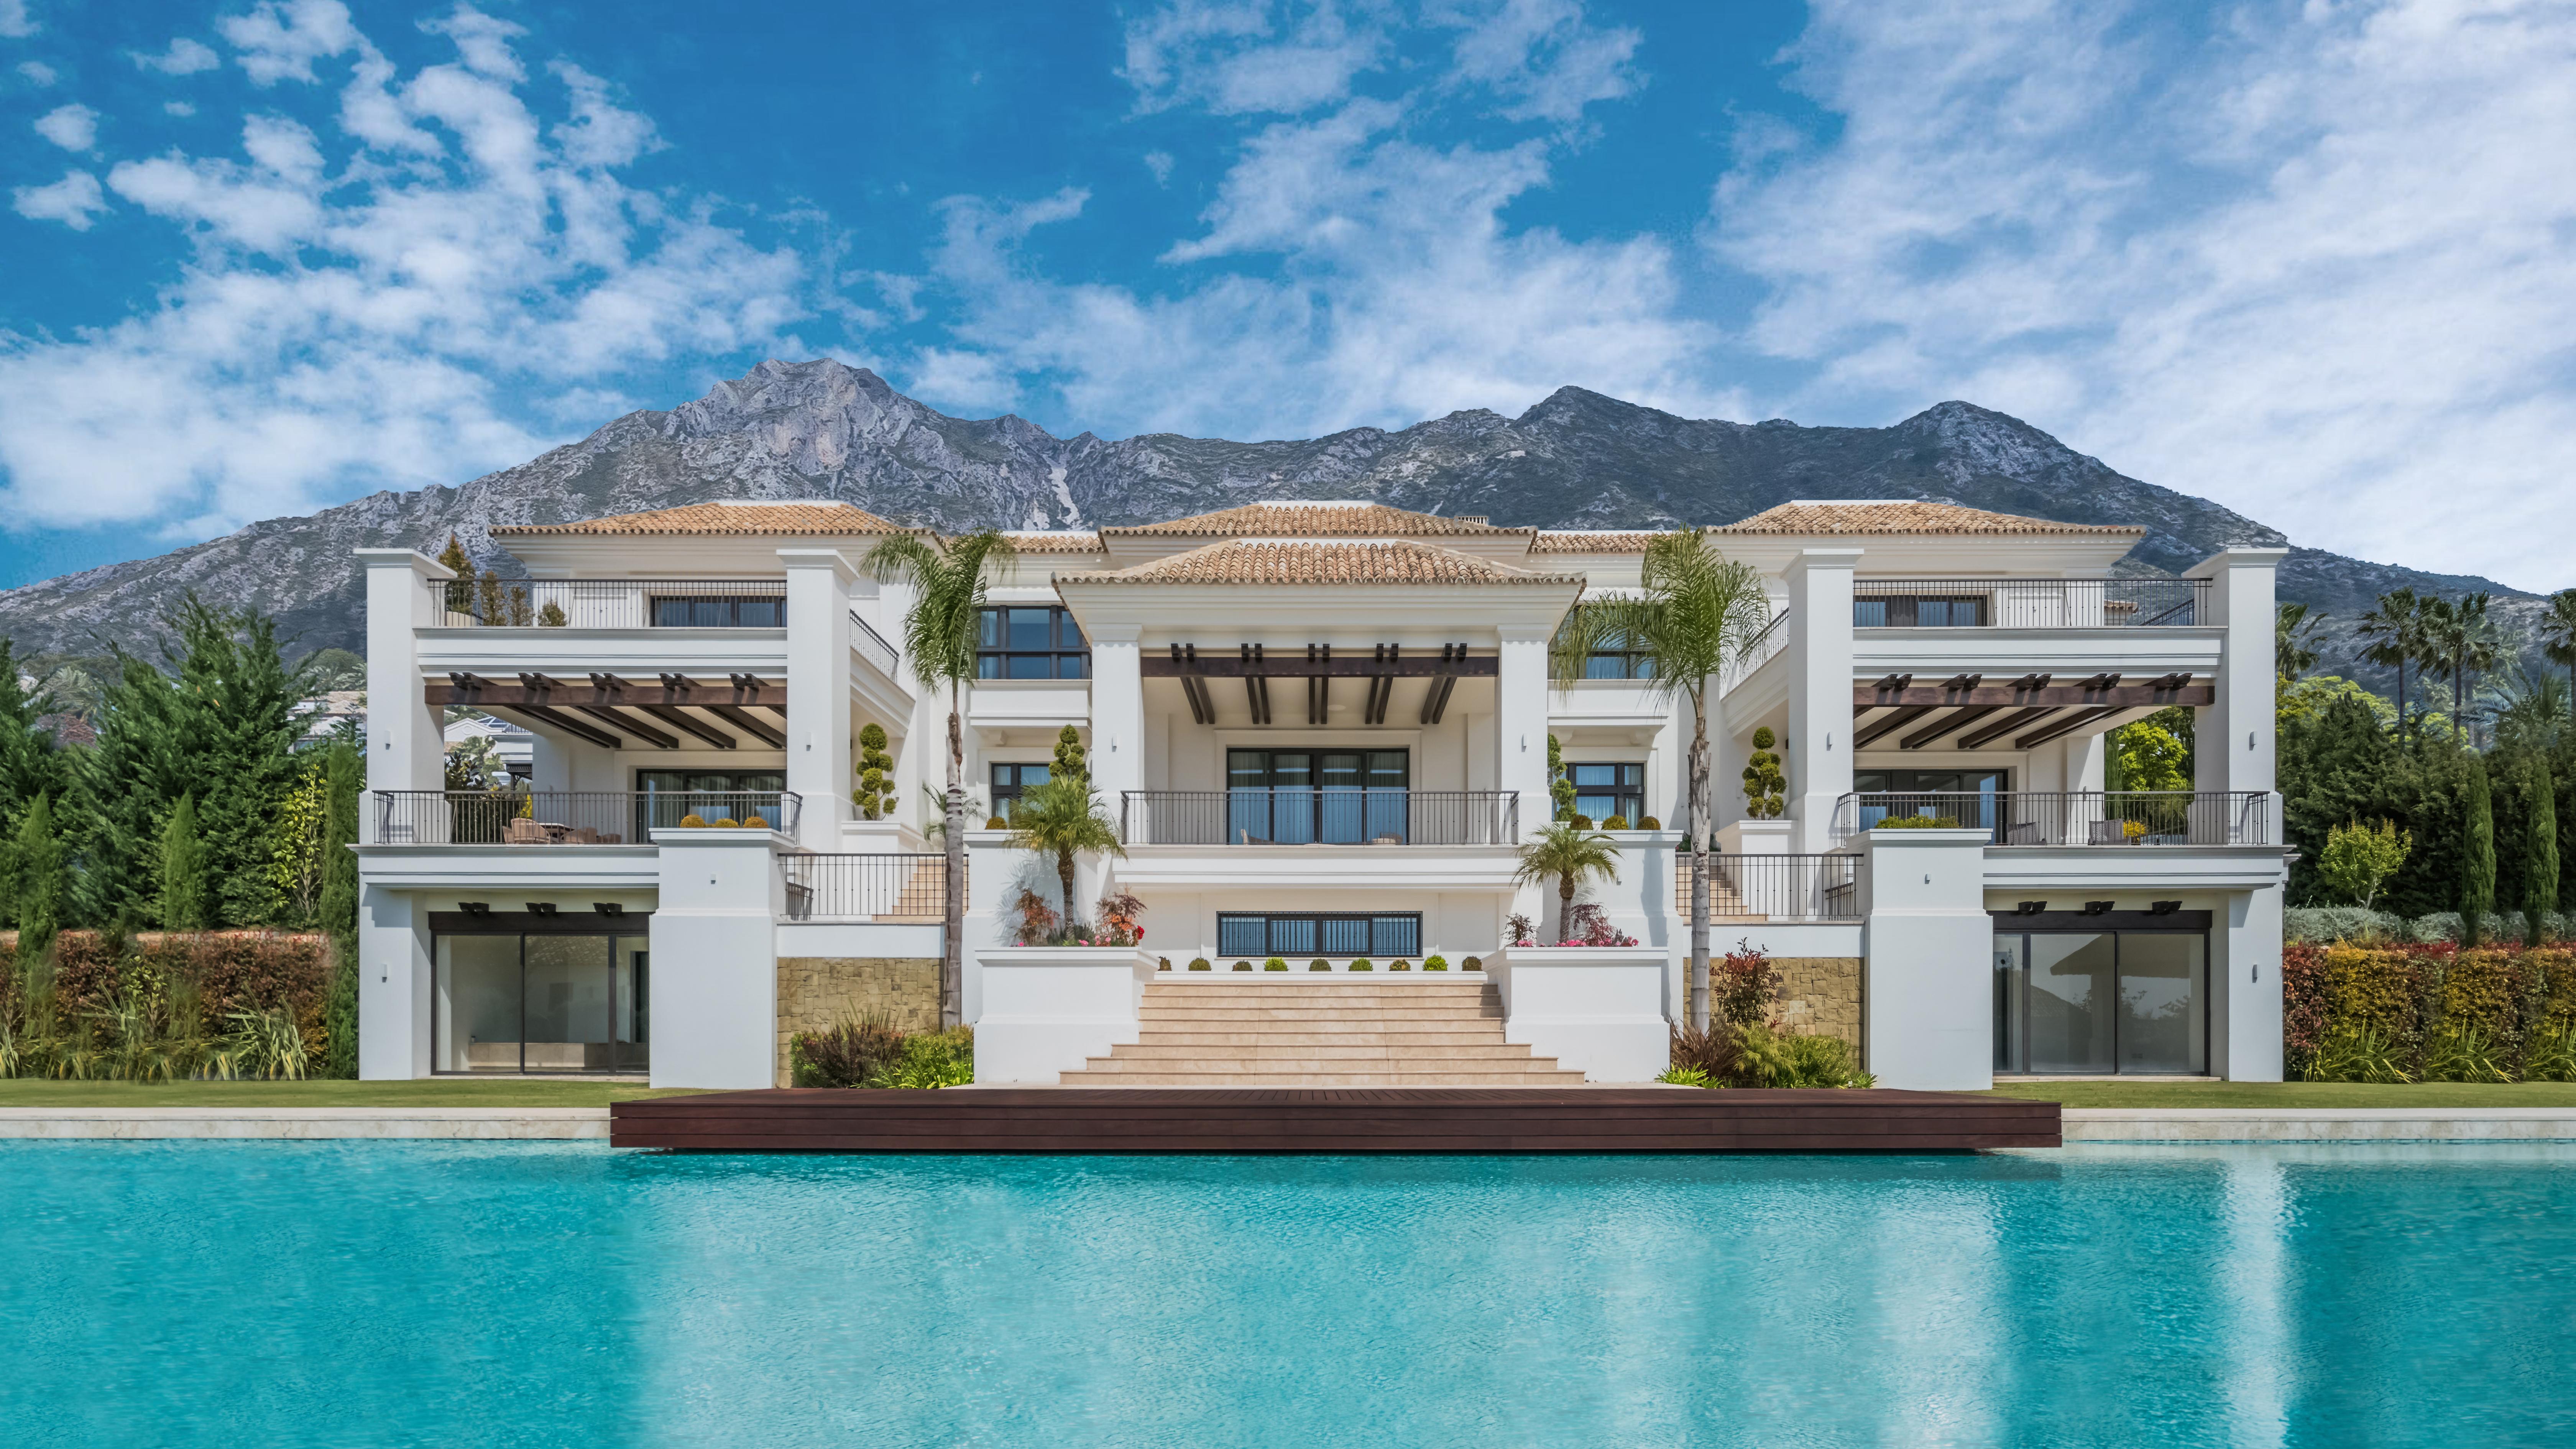 Ref:LUX0359 Villa For Sale in Marbella